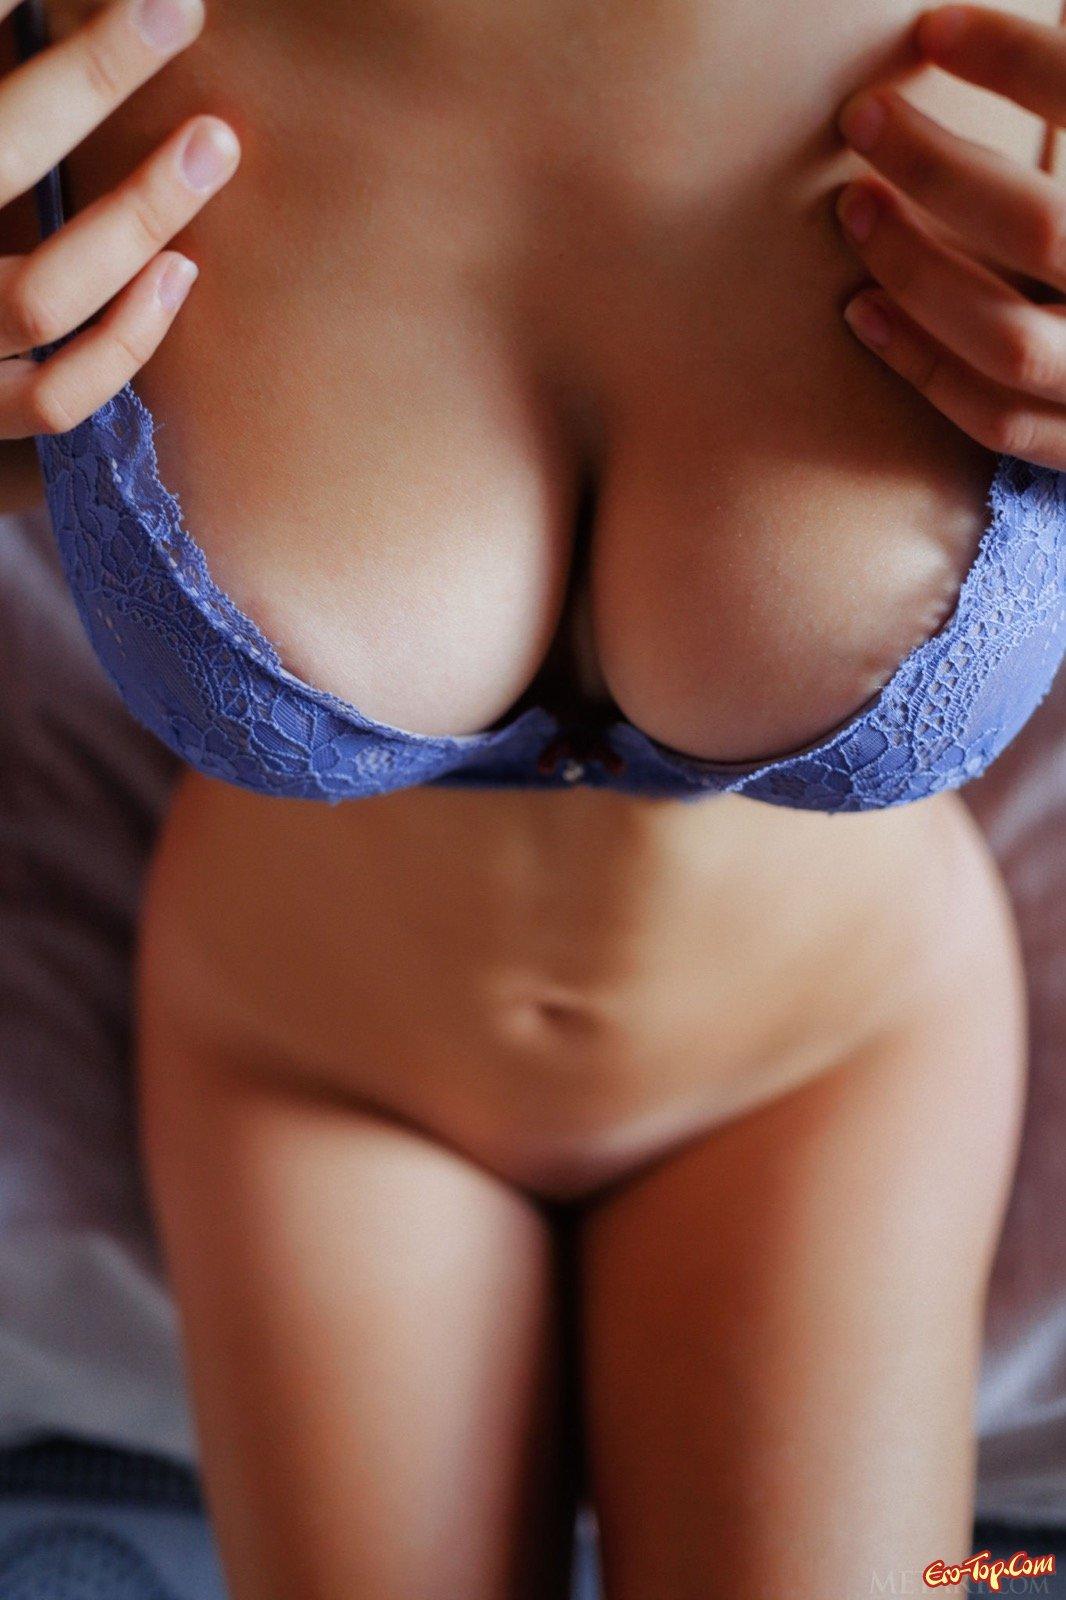 Девушка с обвисшими сиськами в постели